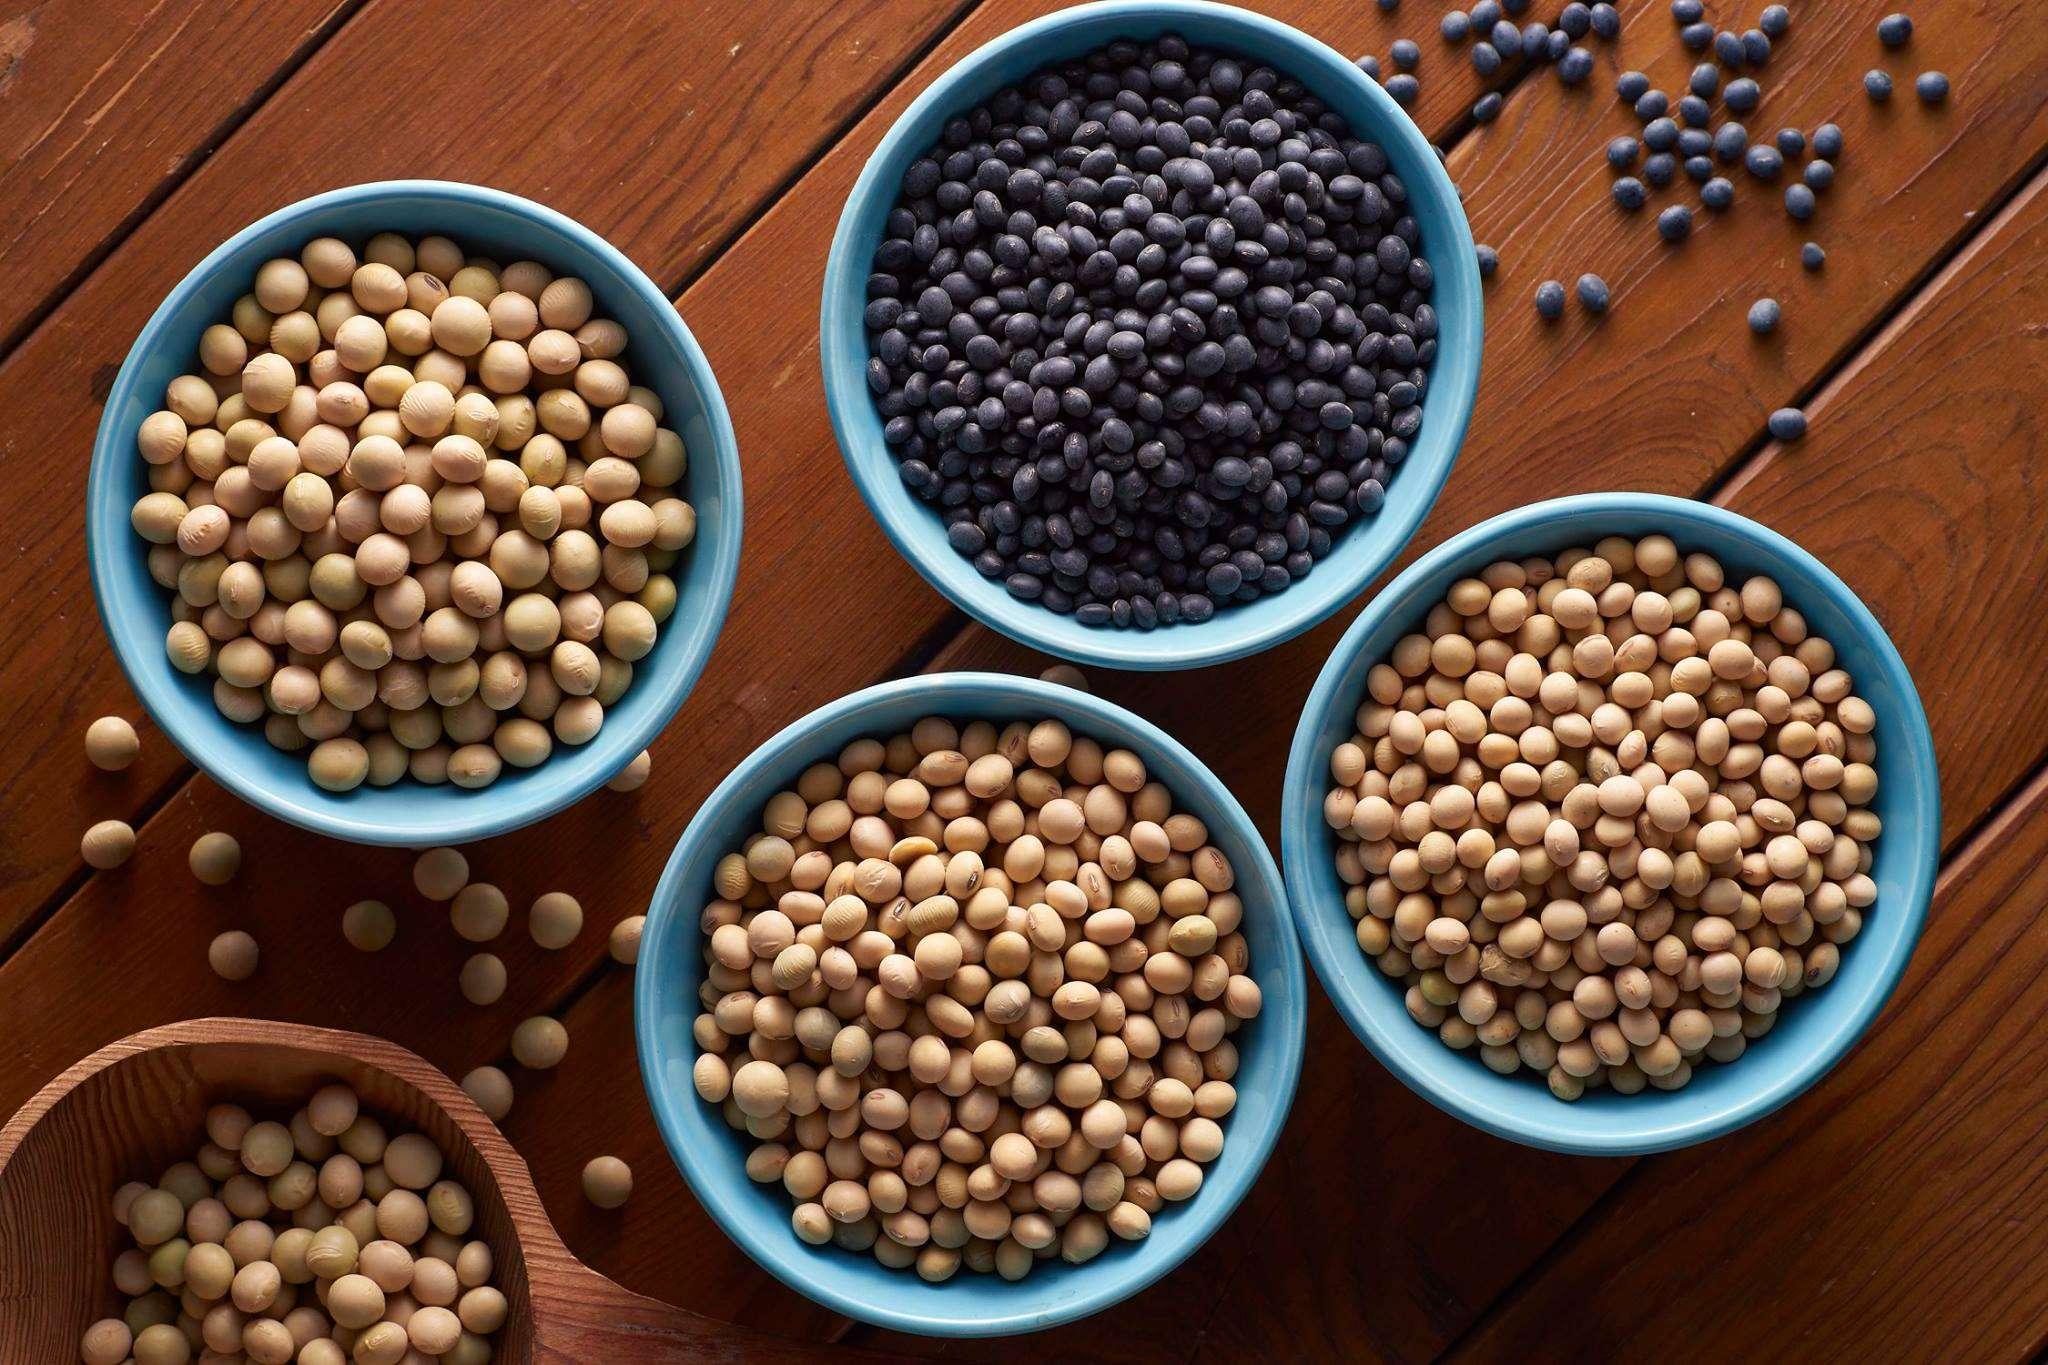 源味本鋪推薦 - 農特產 | 非基改黃豆、 黑豆輕鬆飲、有機白木耳露